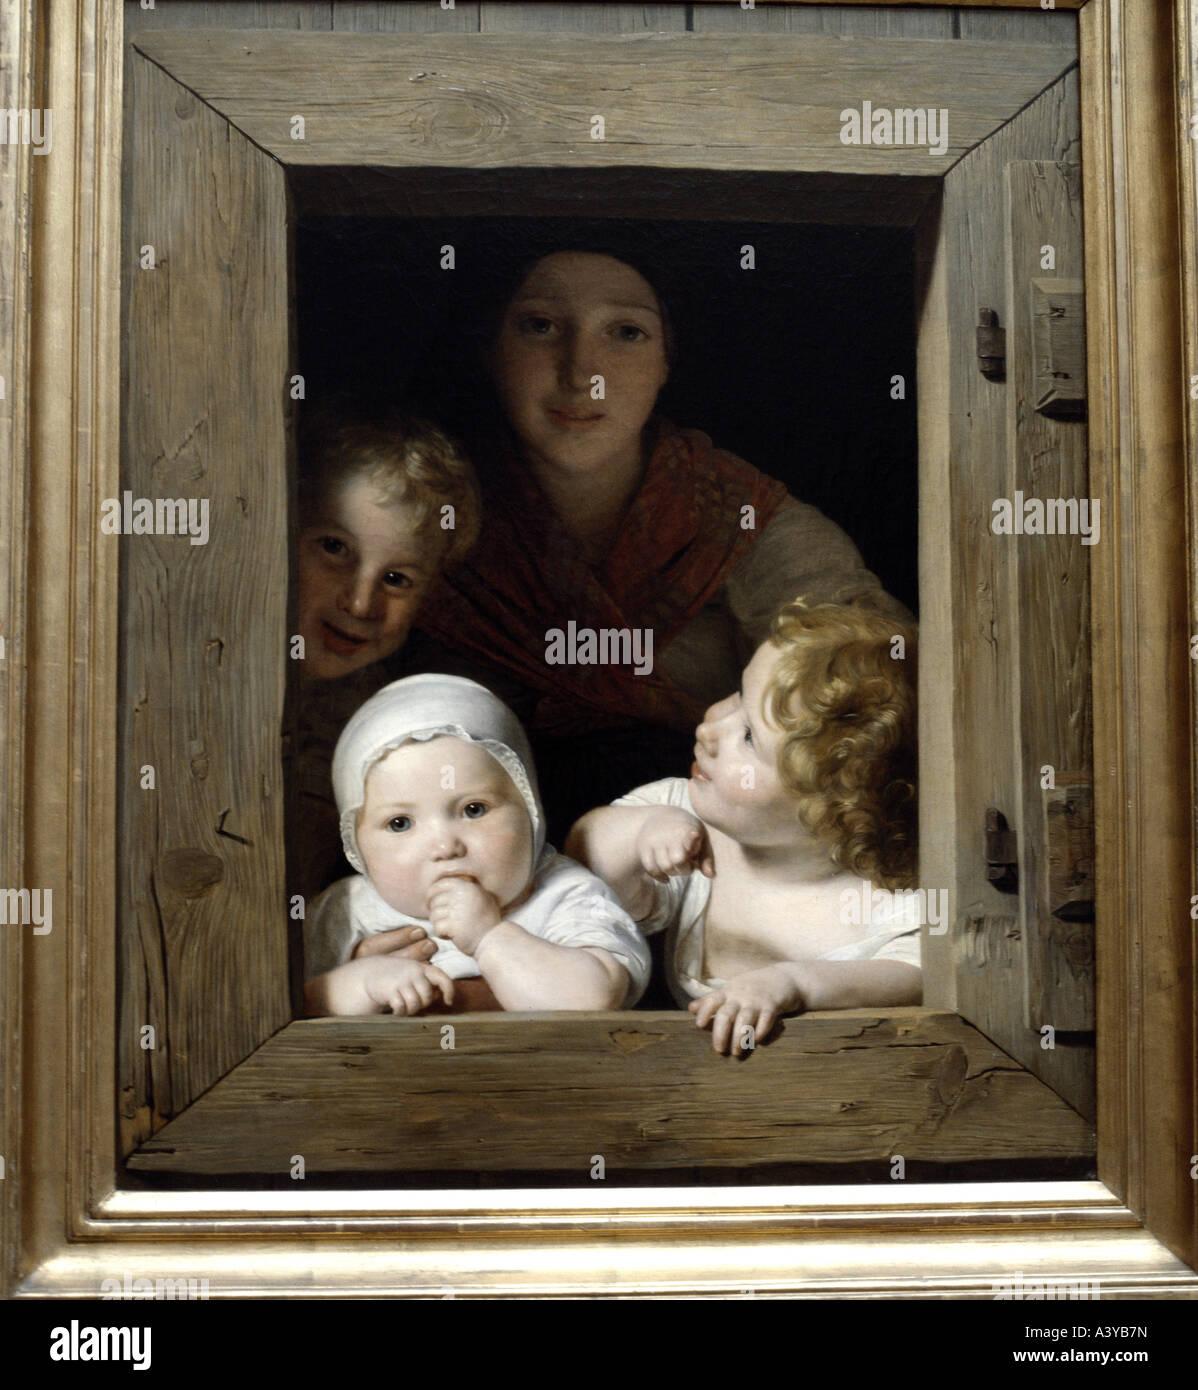 'fine arts, Waldmüller, Ferdinand Georg, (1793 - 1865), 'Junge Bäuerin mit drei Kindern im Fenster', - Stock Image